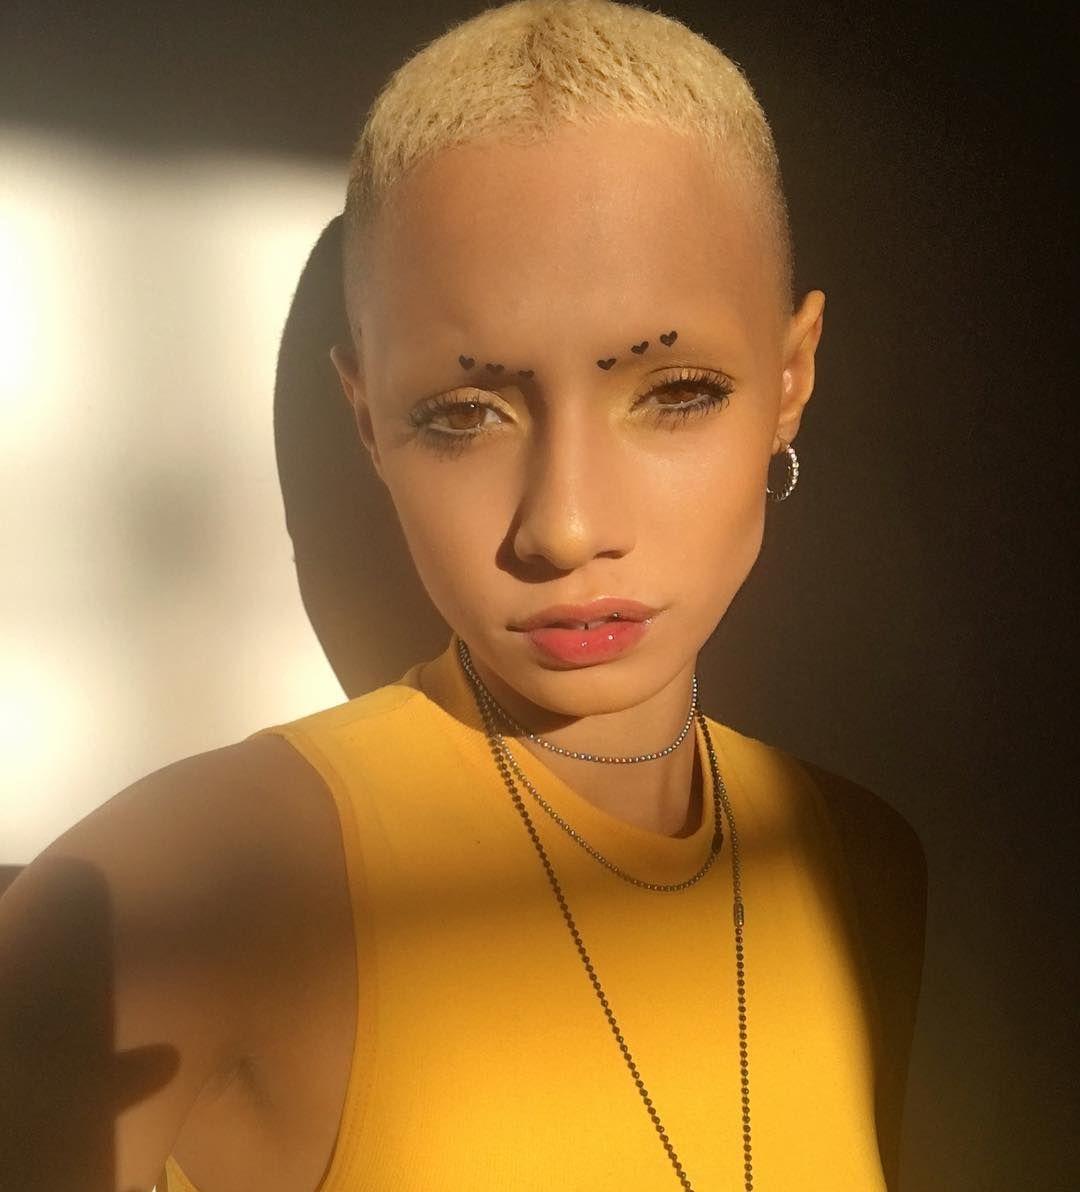 Лысая девушка онлайн, конча на парня порно видео